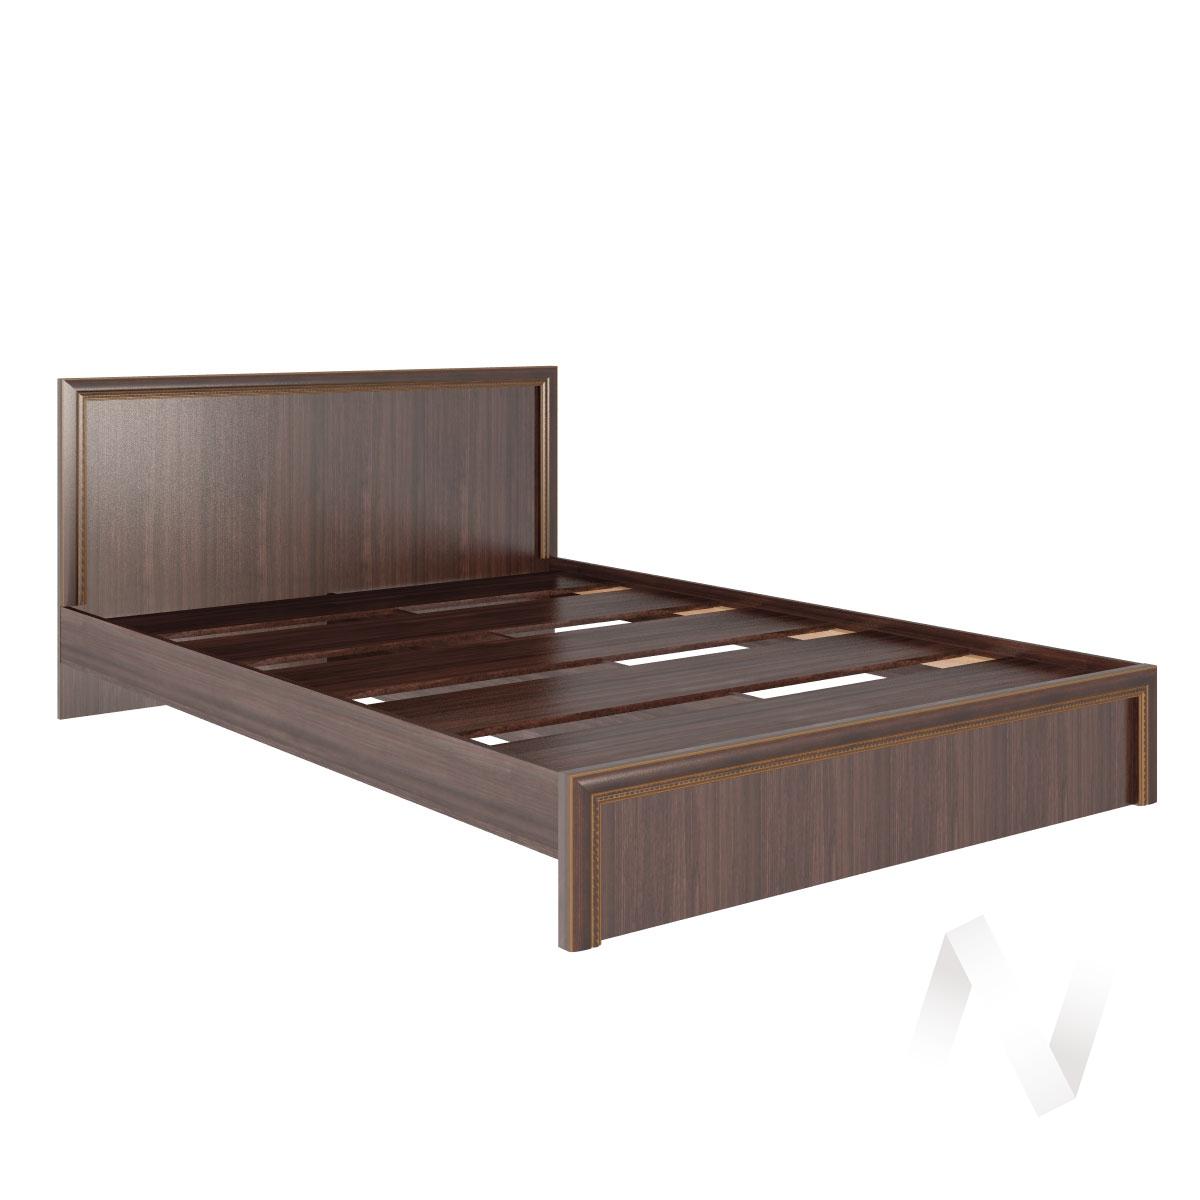 Кровать стандарт 1,4 М16 Спальня Беатрис (орех гепланкт)